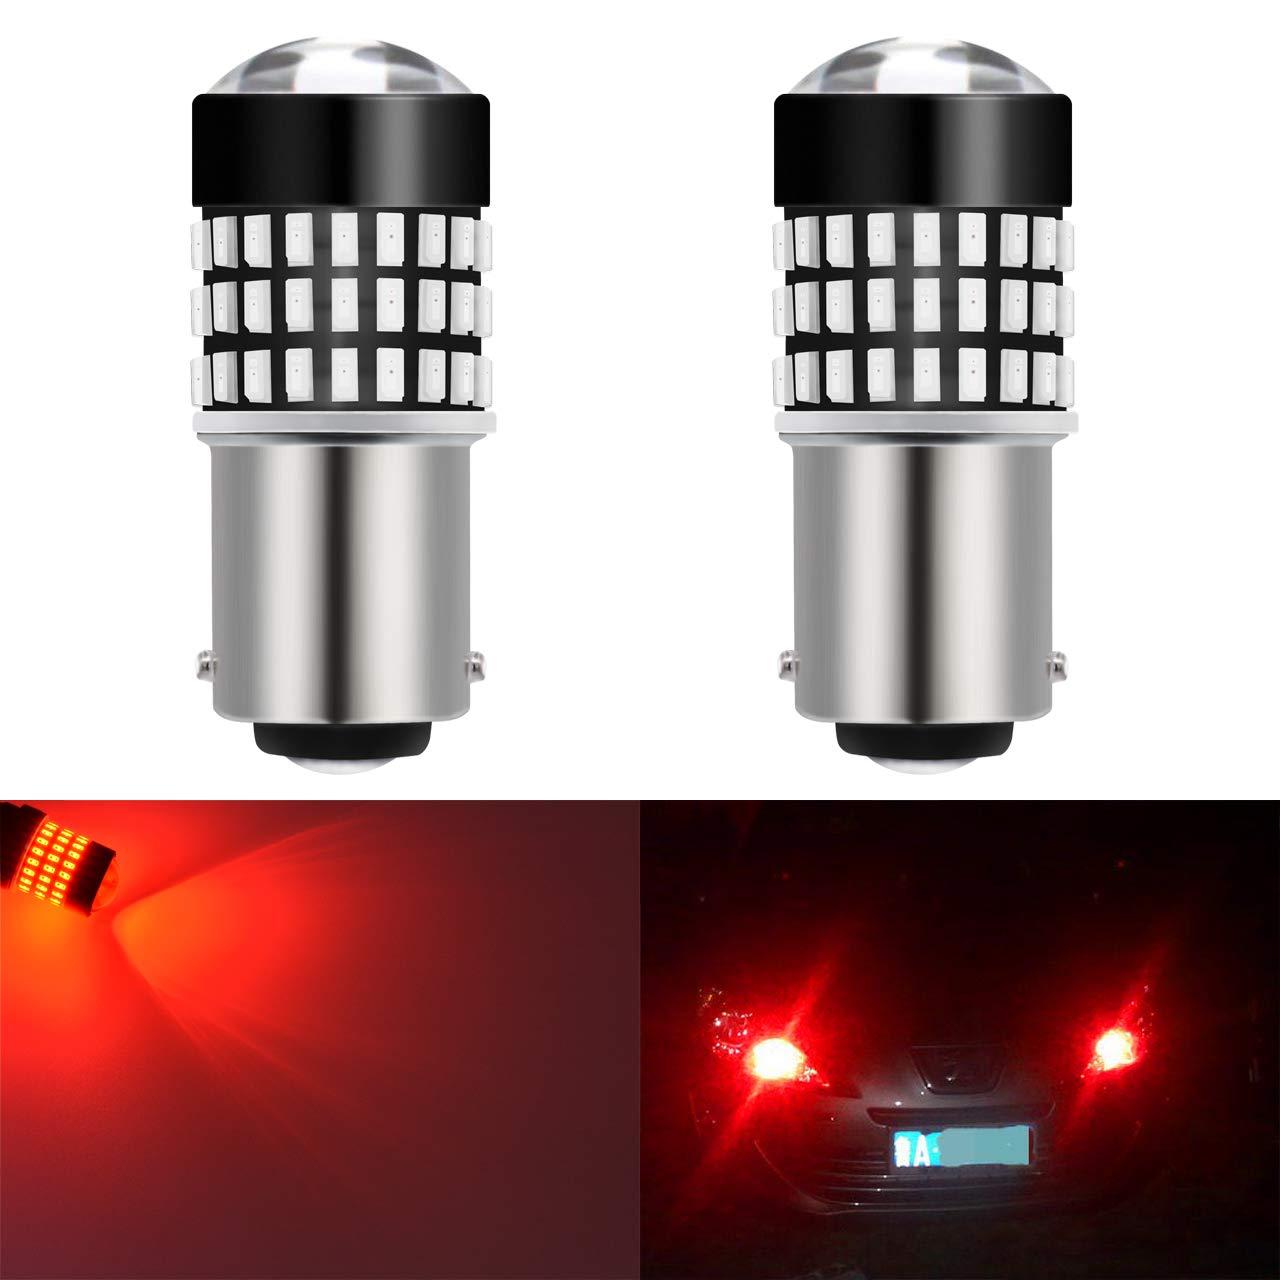 KaTur, set di 2 lampadine LED bianche luminose per luci posteriori dell' auto, 900 lumen, base 1156 BA15S a contatto singolo, 12 V, 4 W 2AM-CL-374-1157-Red